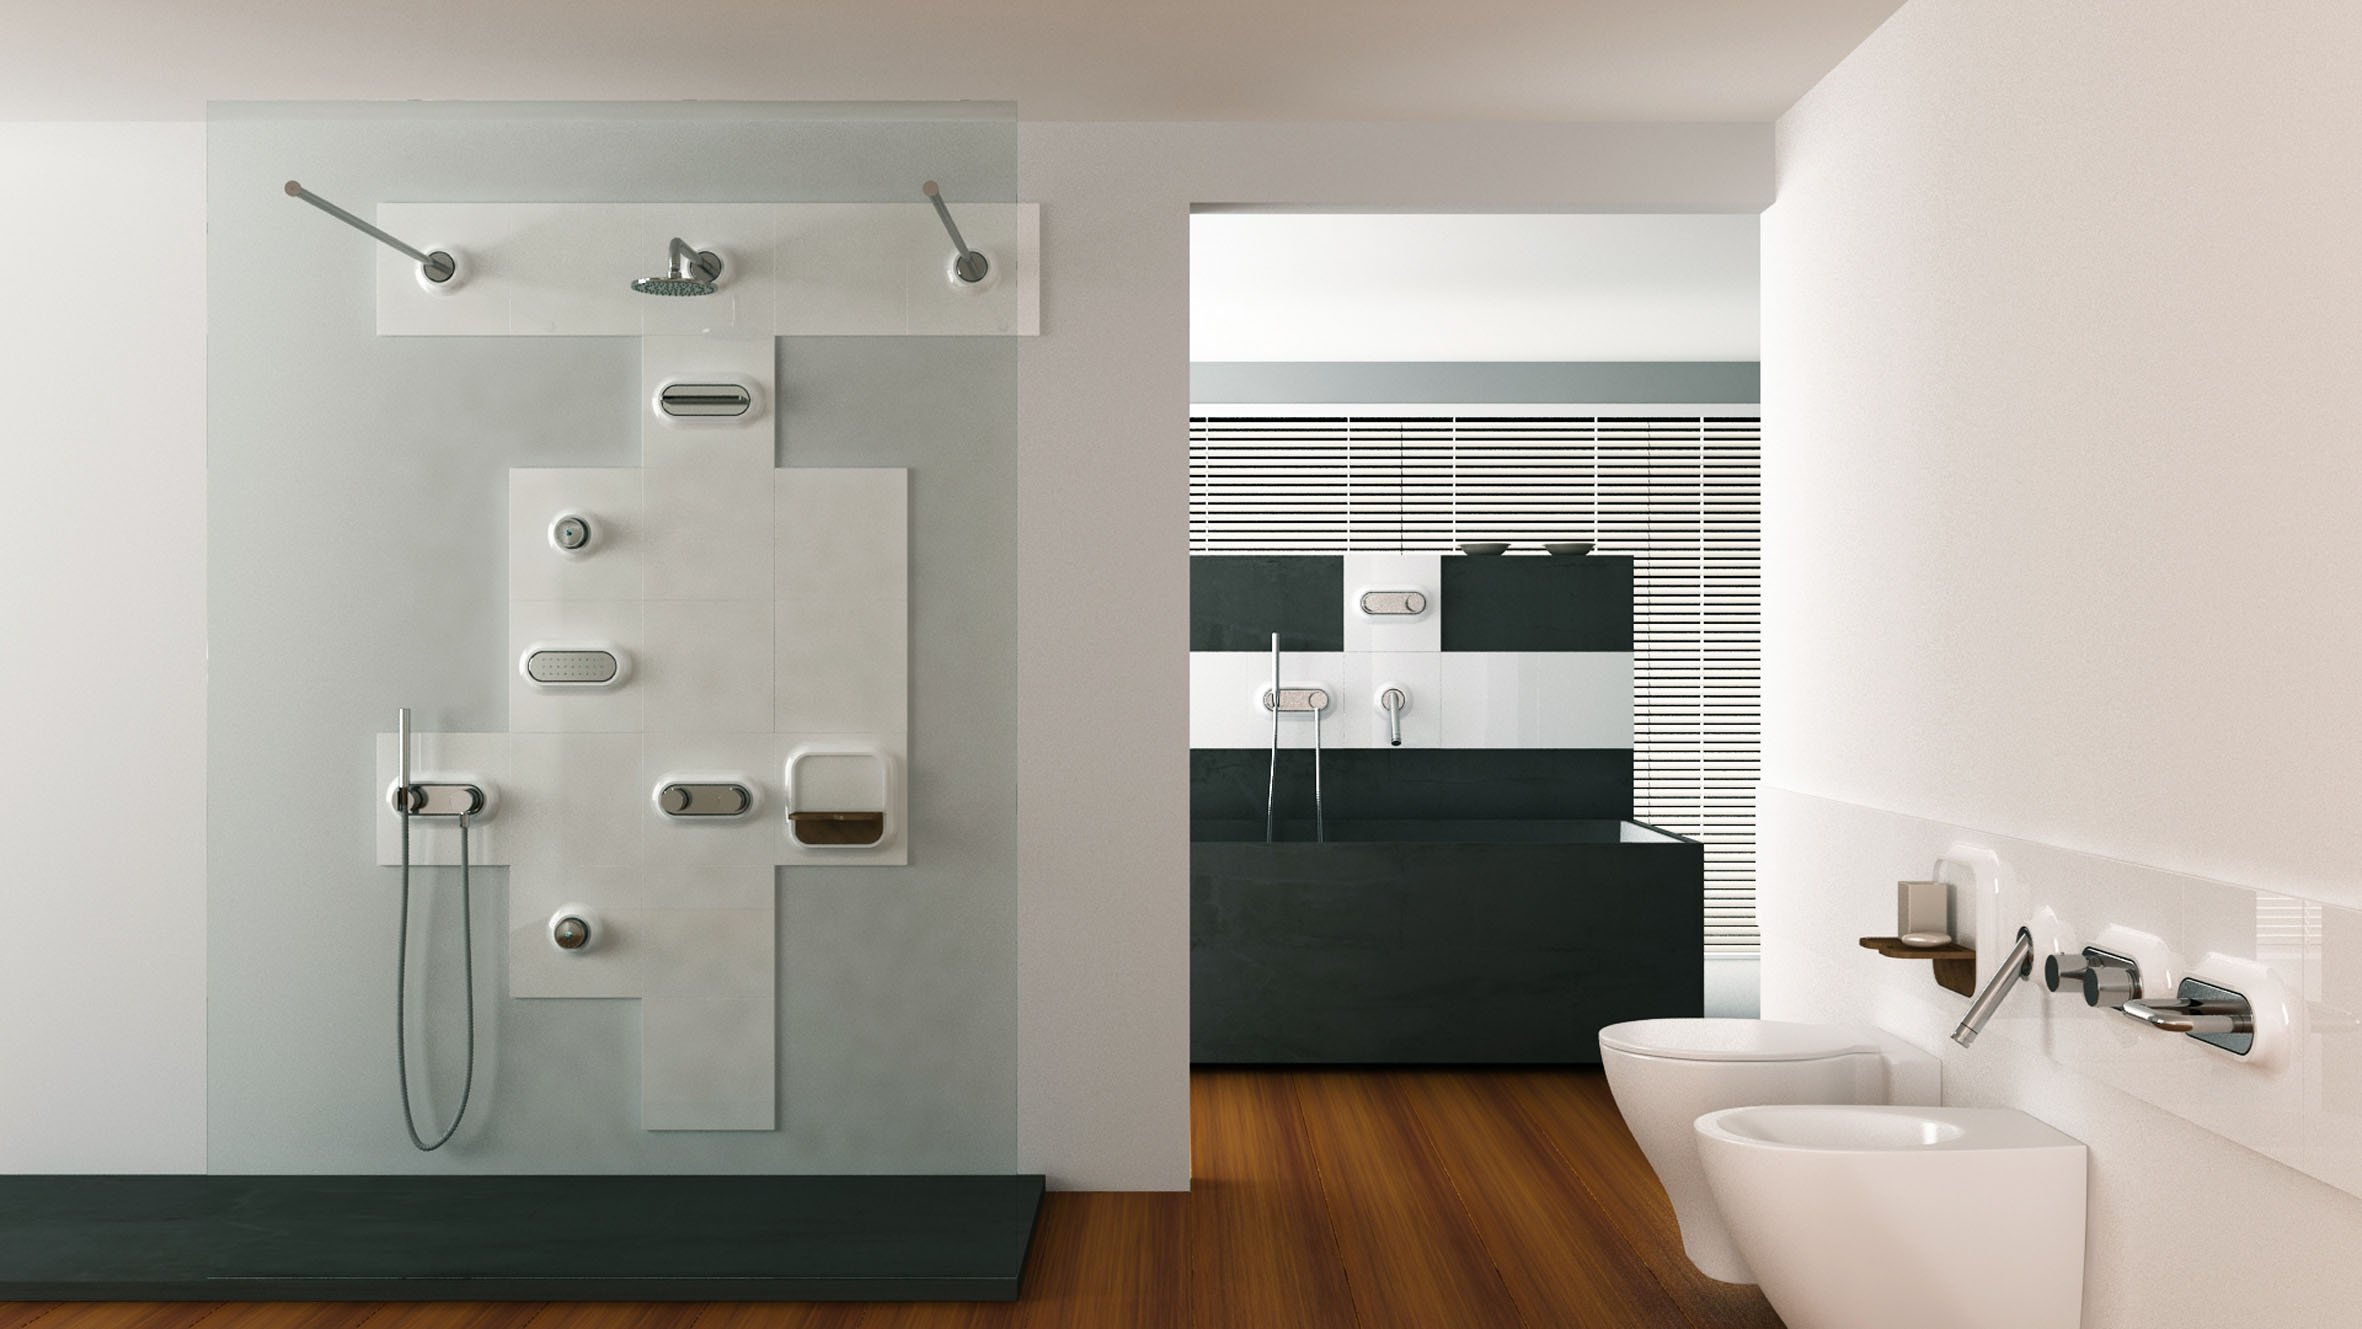 100+ [ mattonelle per bagno moderno ] | proposte per bagno idee d ... - Bagni Moderni Mattonelle